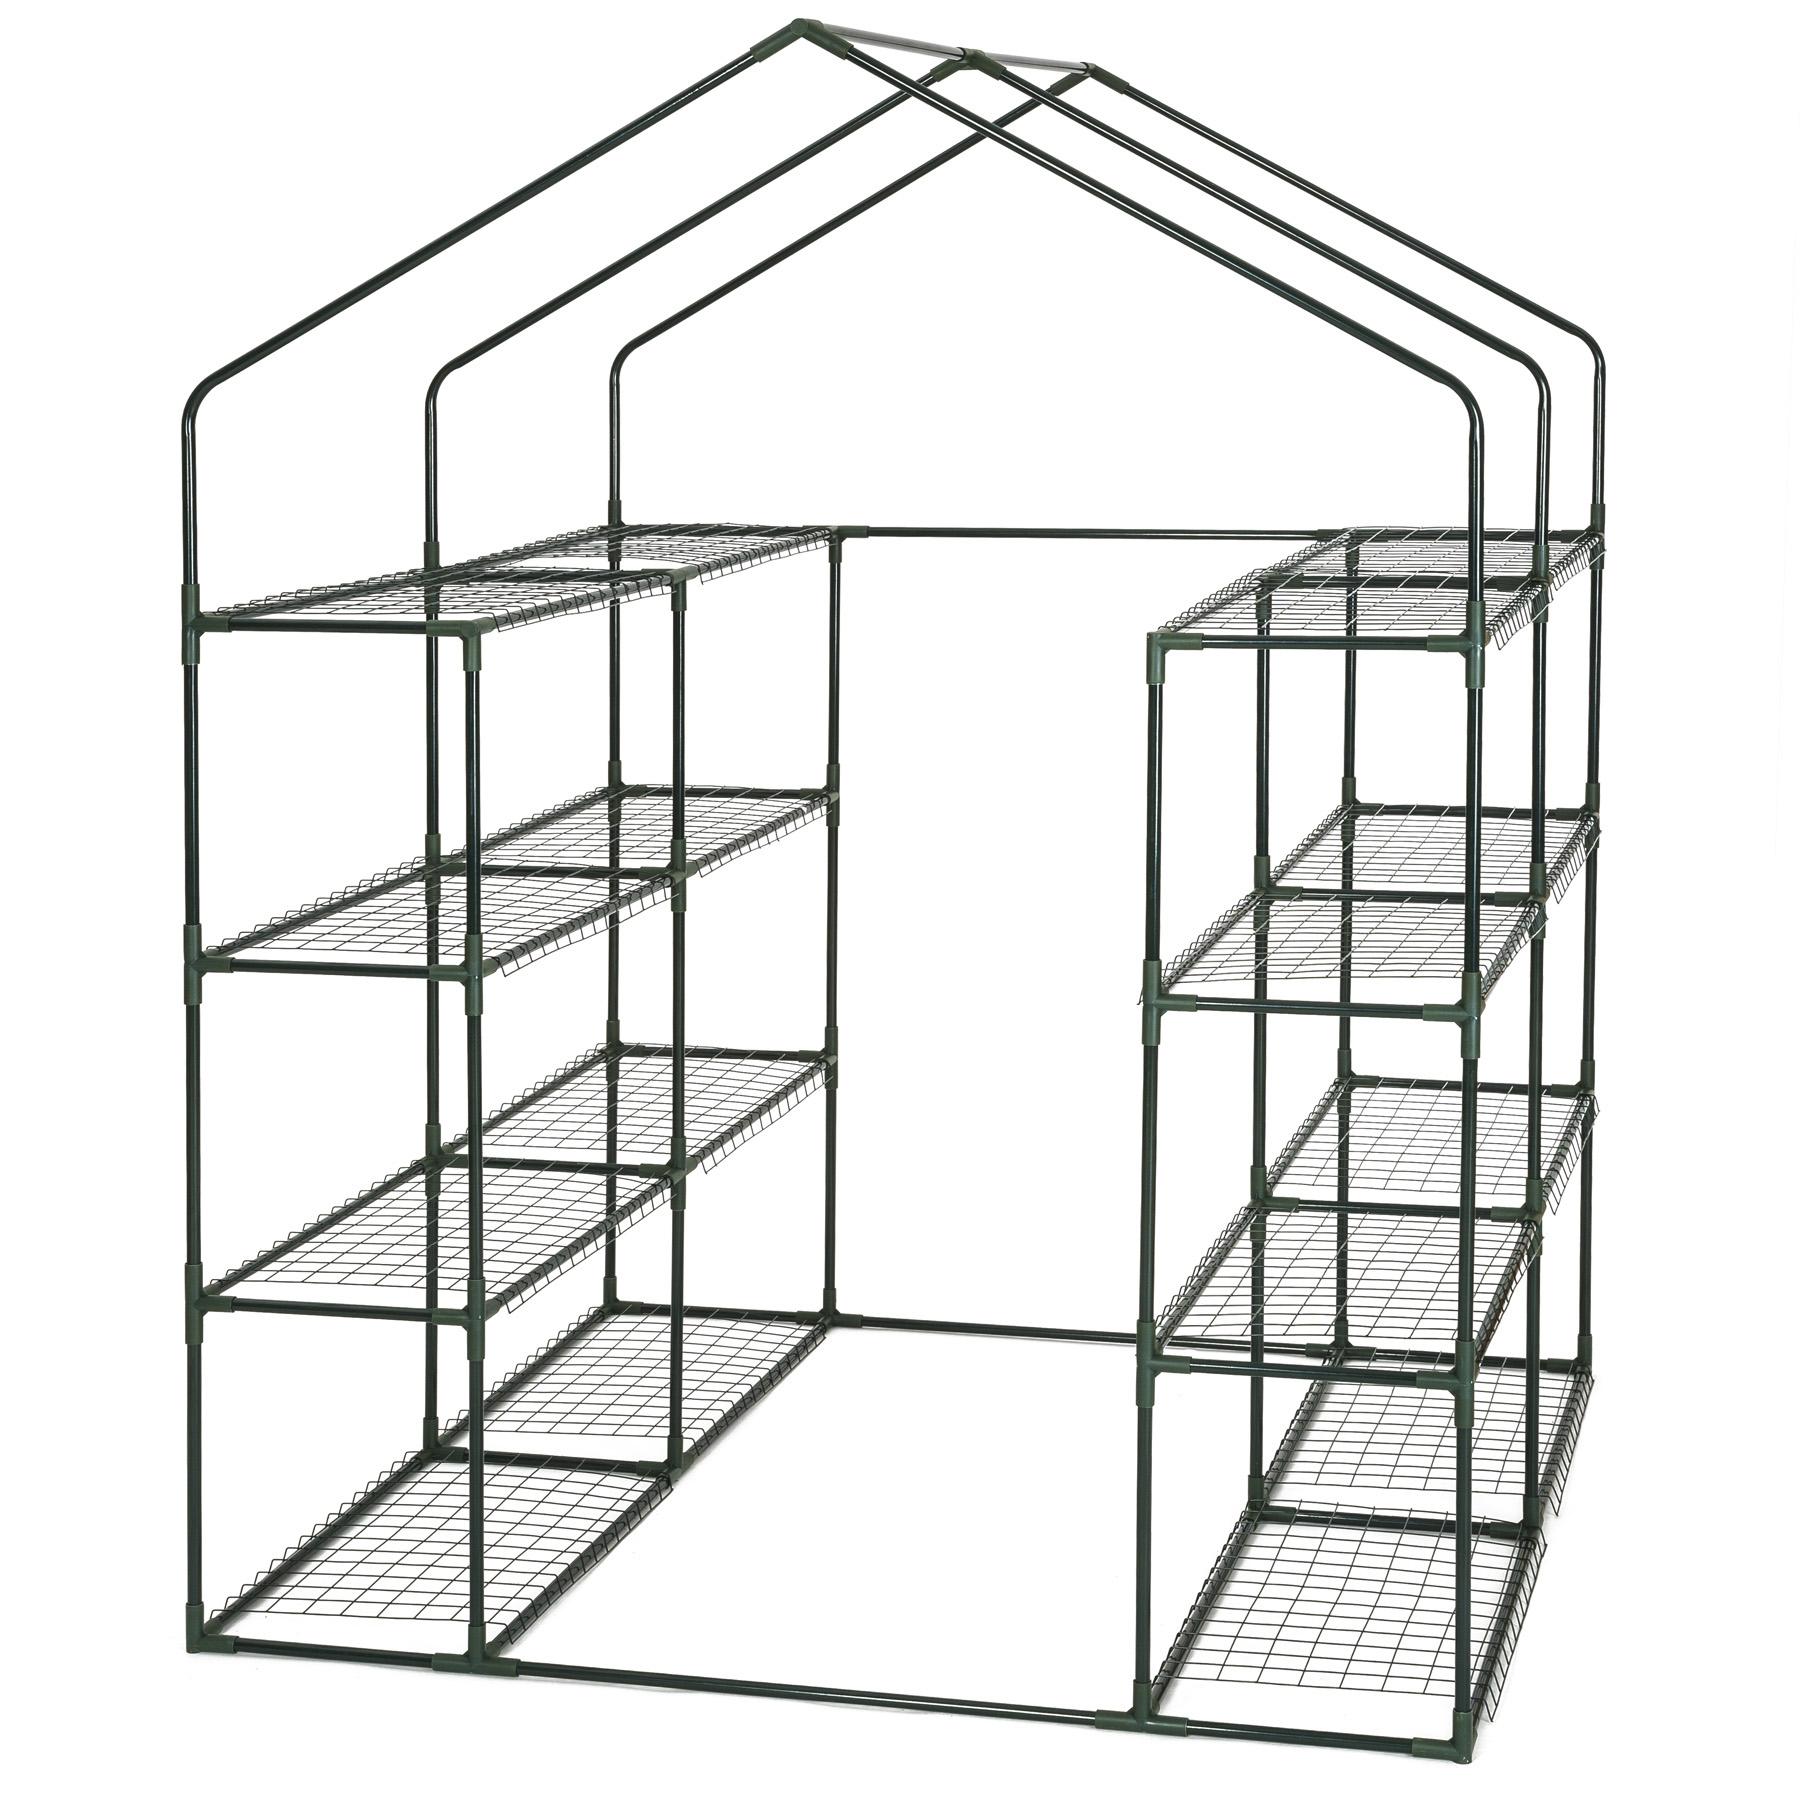 gew chshaus gartenhaus treibhaus garten fr hbeet tomaten pvc folie 143x143x195cm ebay. Black Bedroom Furniture Sets. Home Design Ideas